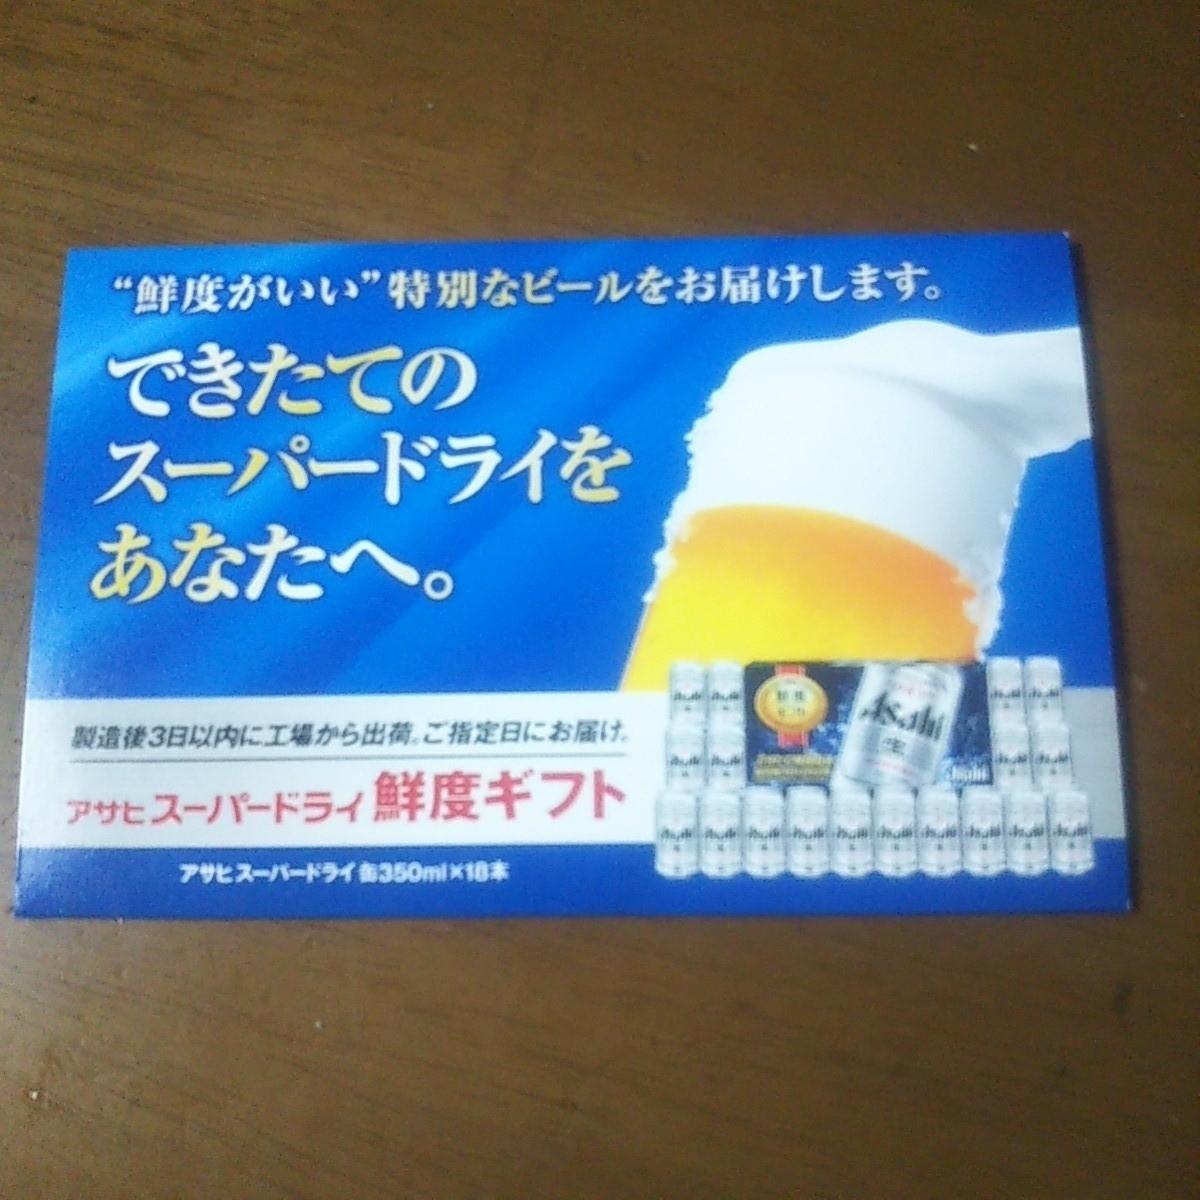 アサヒ スーパードライ 鮮度ギフト 5400円相当